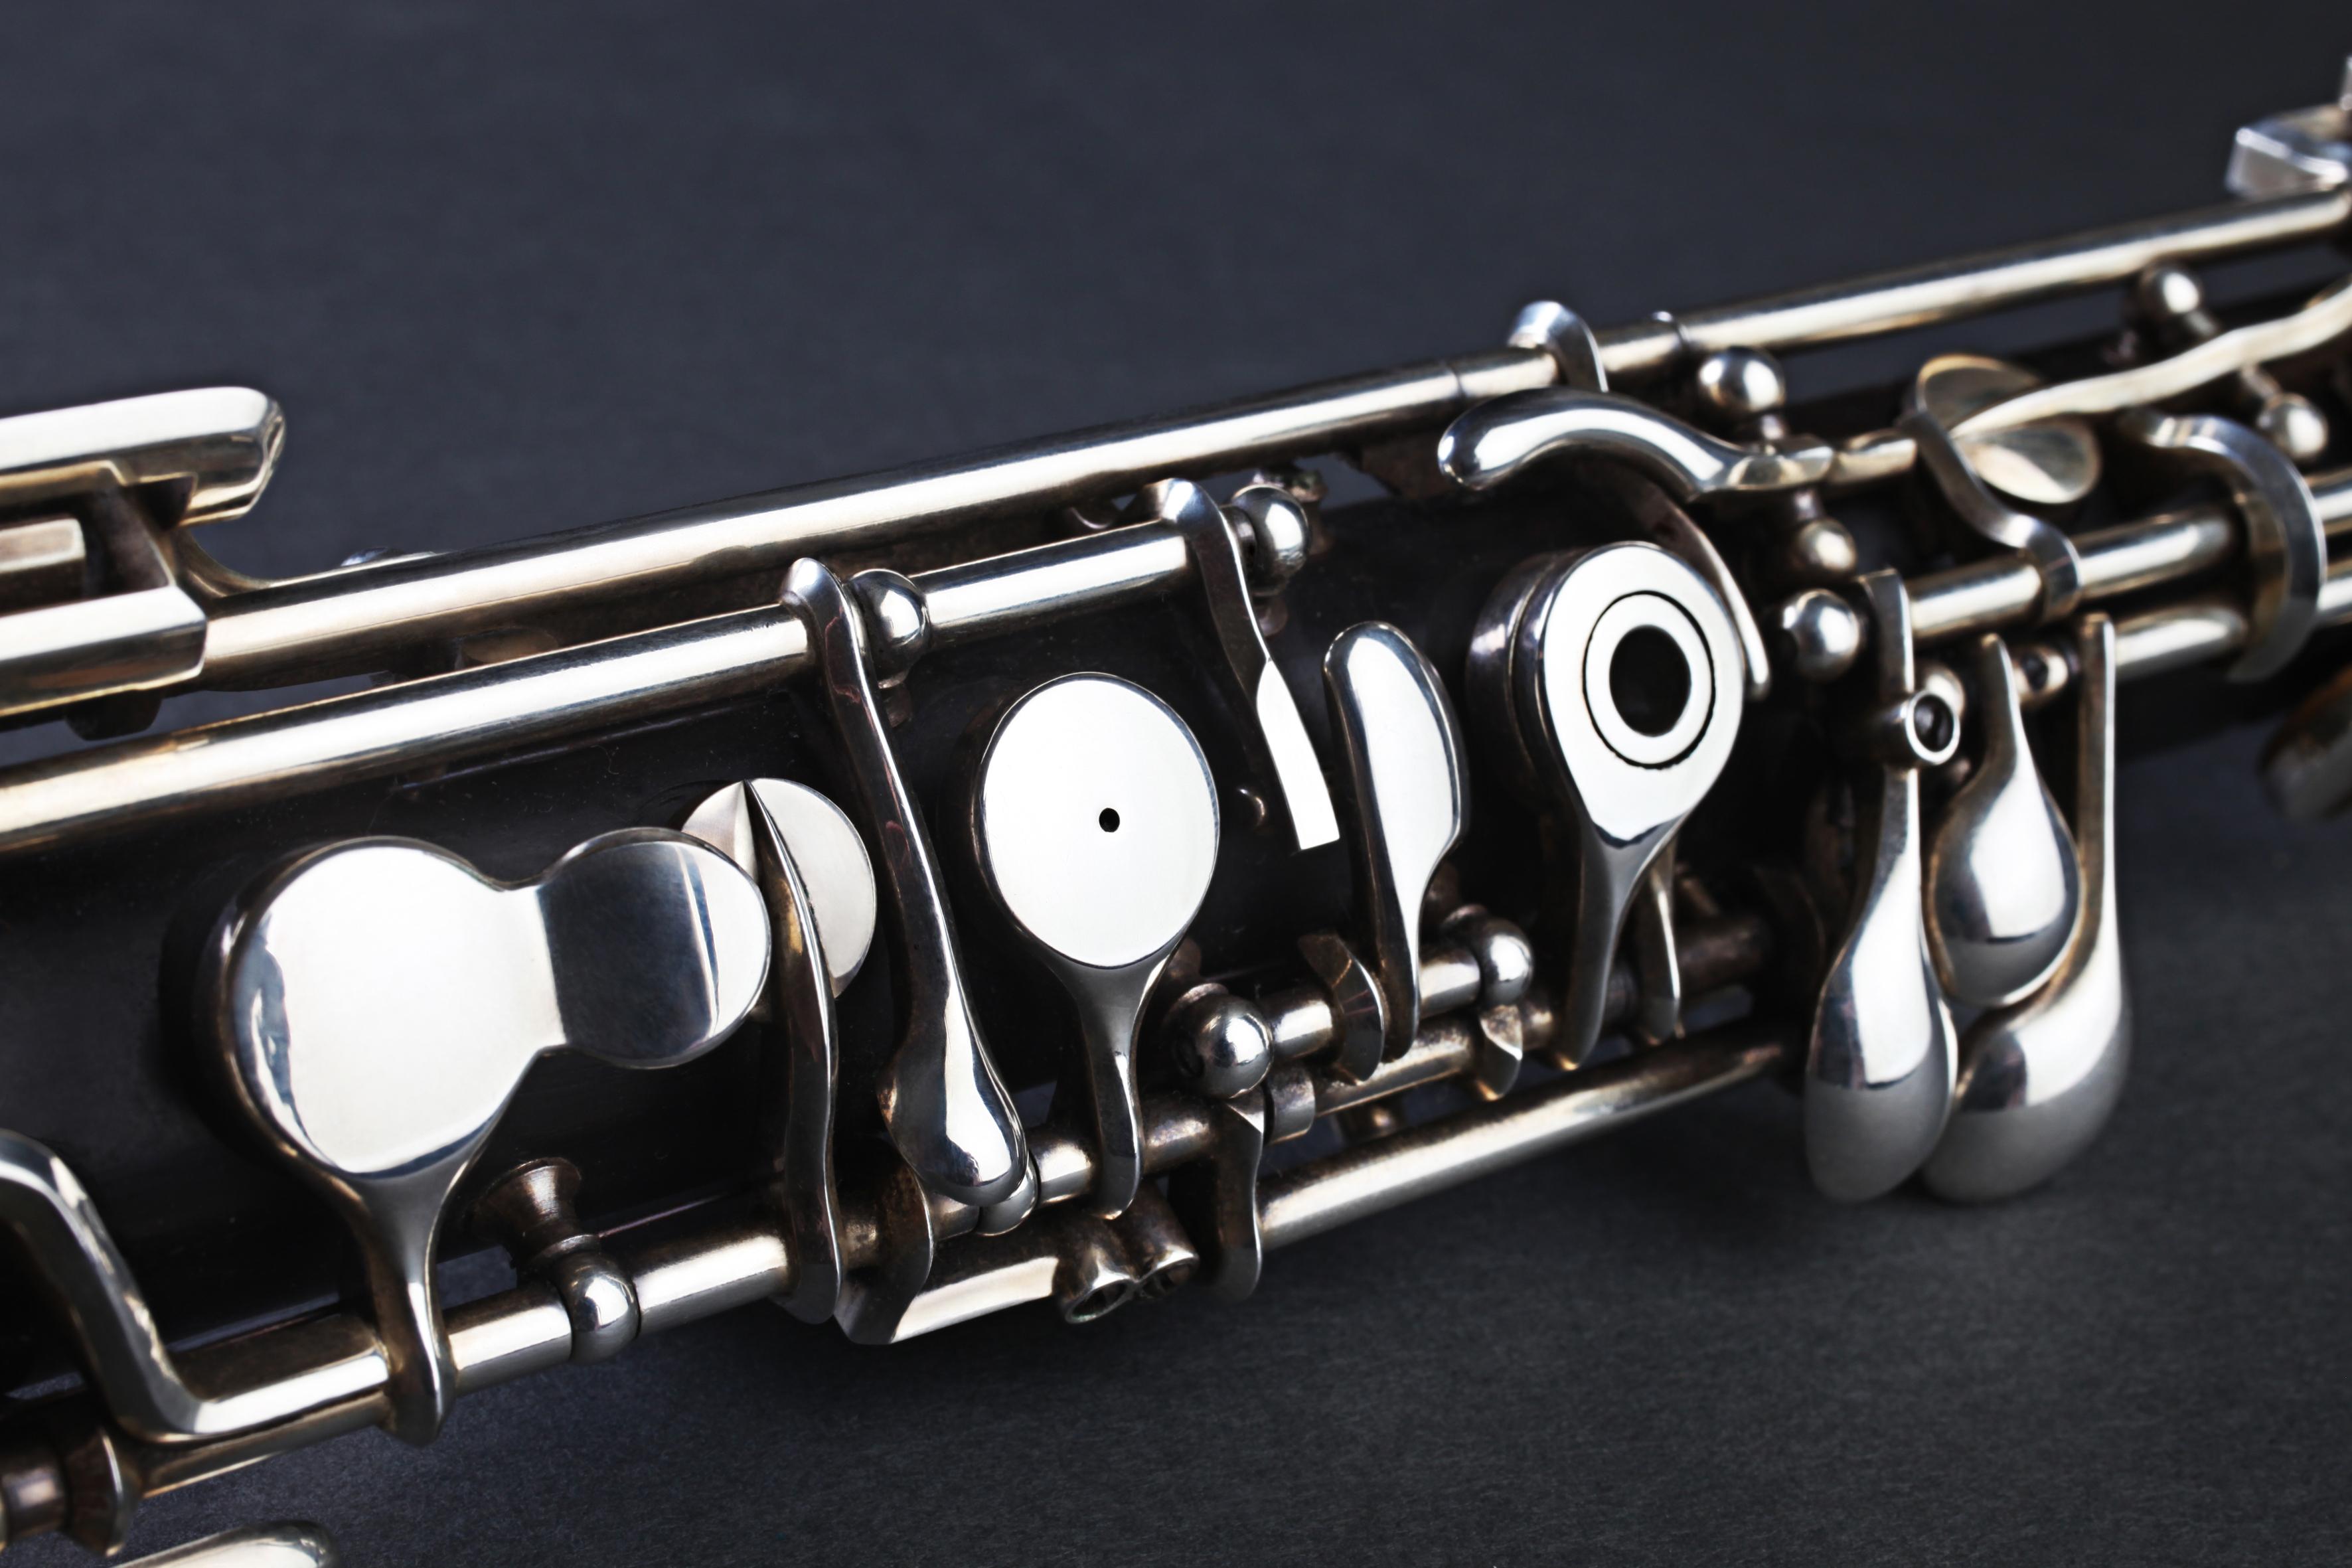 (c) Oboe.nl